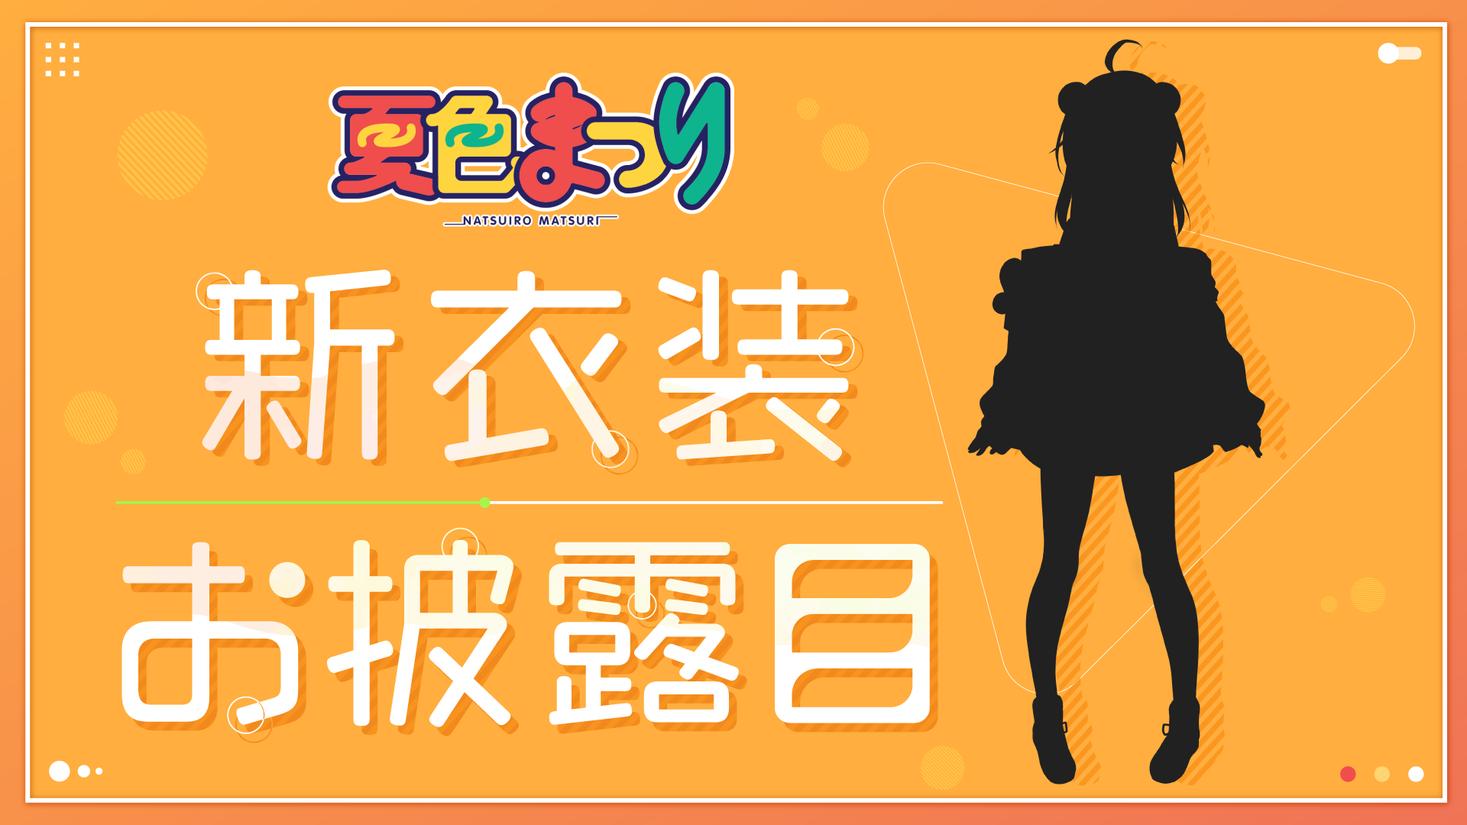 [Vtub] [Holo] 夏色まつり 9/25 晚上8點新衣裝